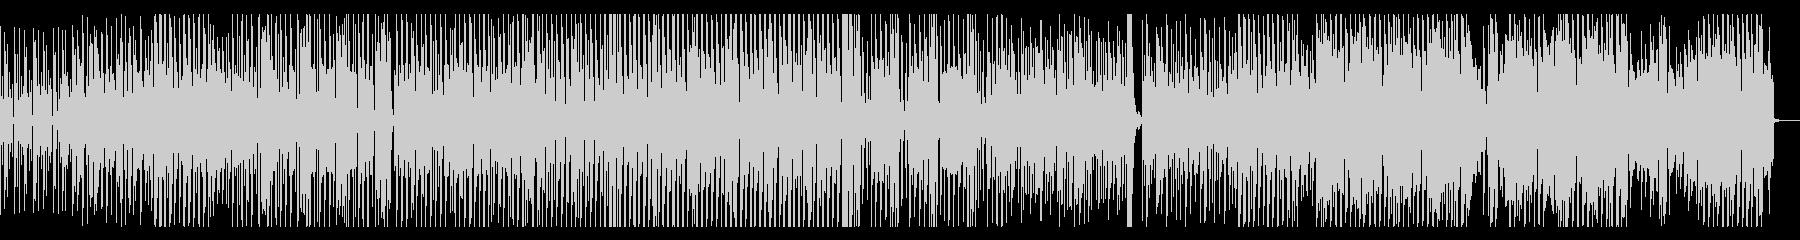 ギター ファンキー テクノ EDMの未再生の波形